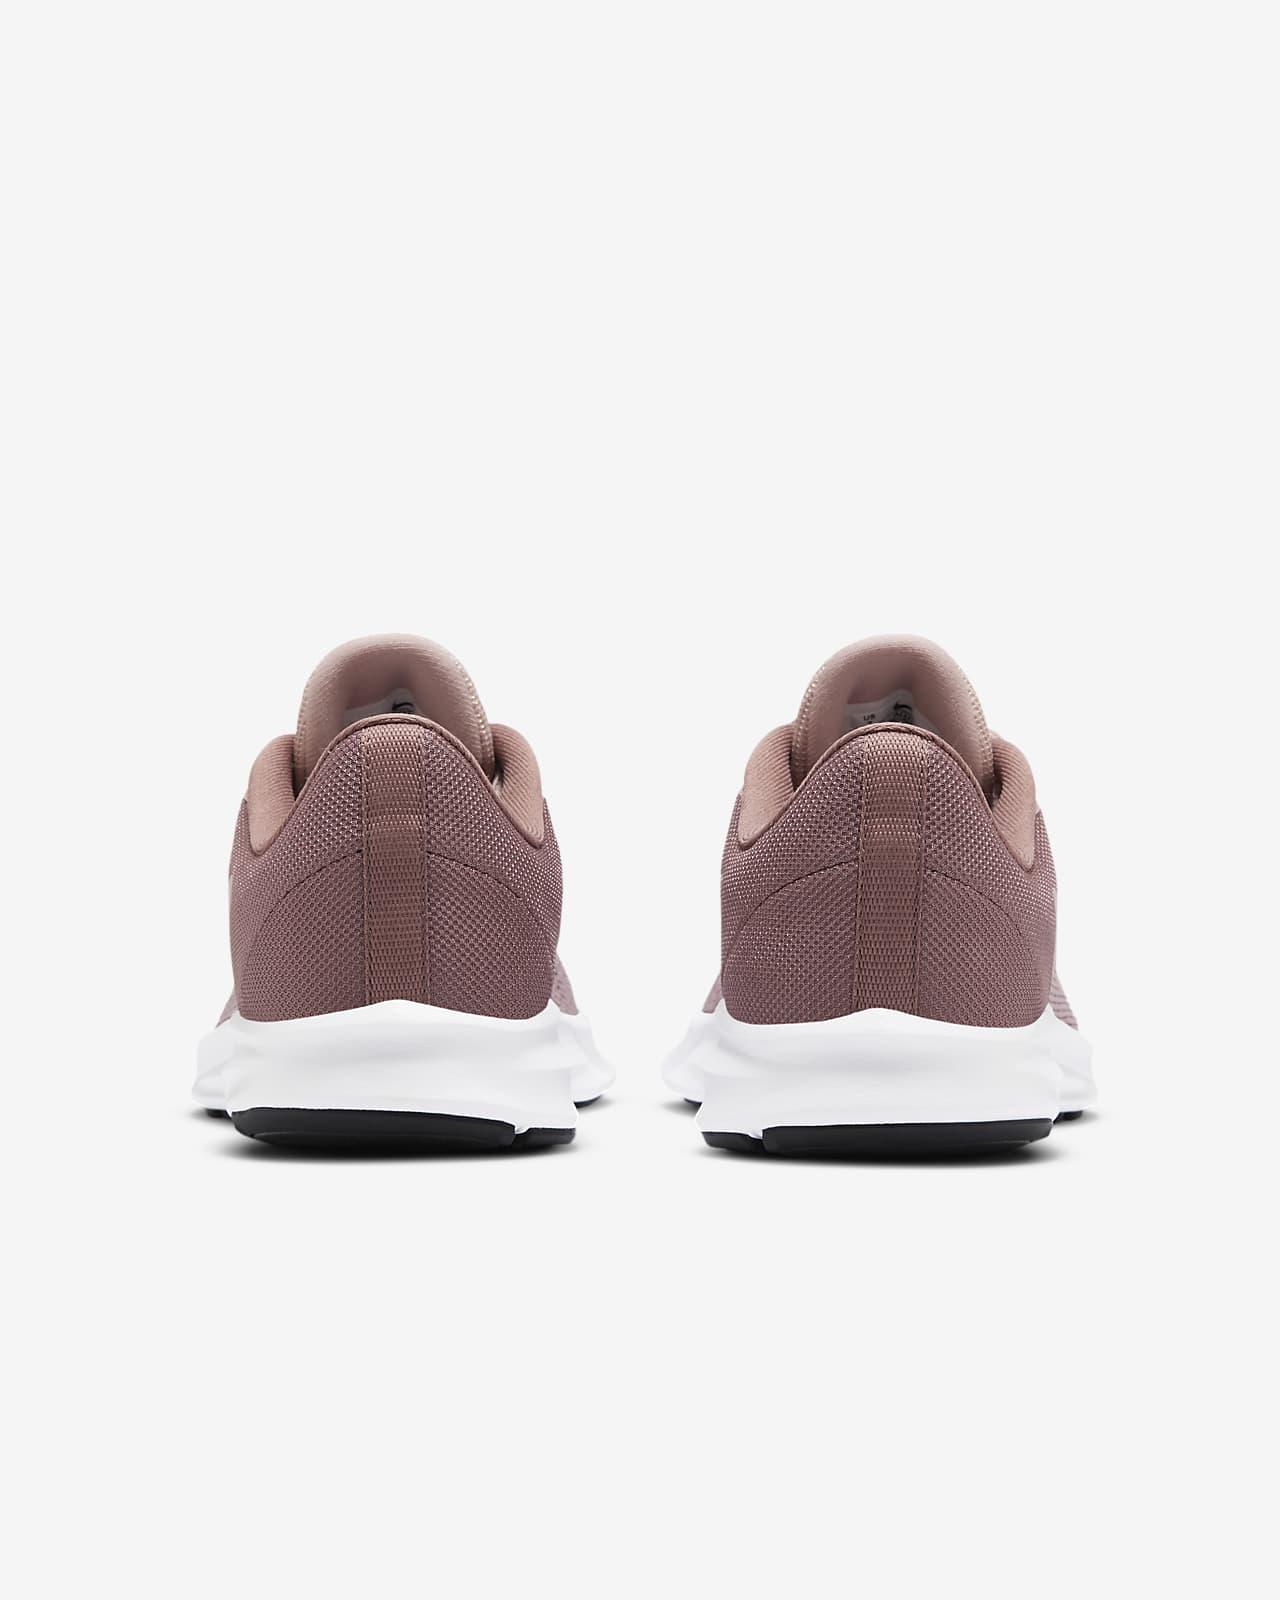 Nike Downshifter 9 rózsaszín futócipő